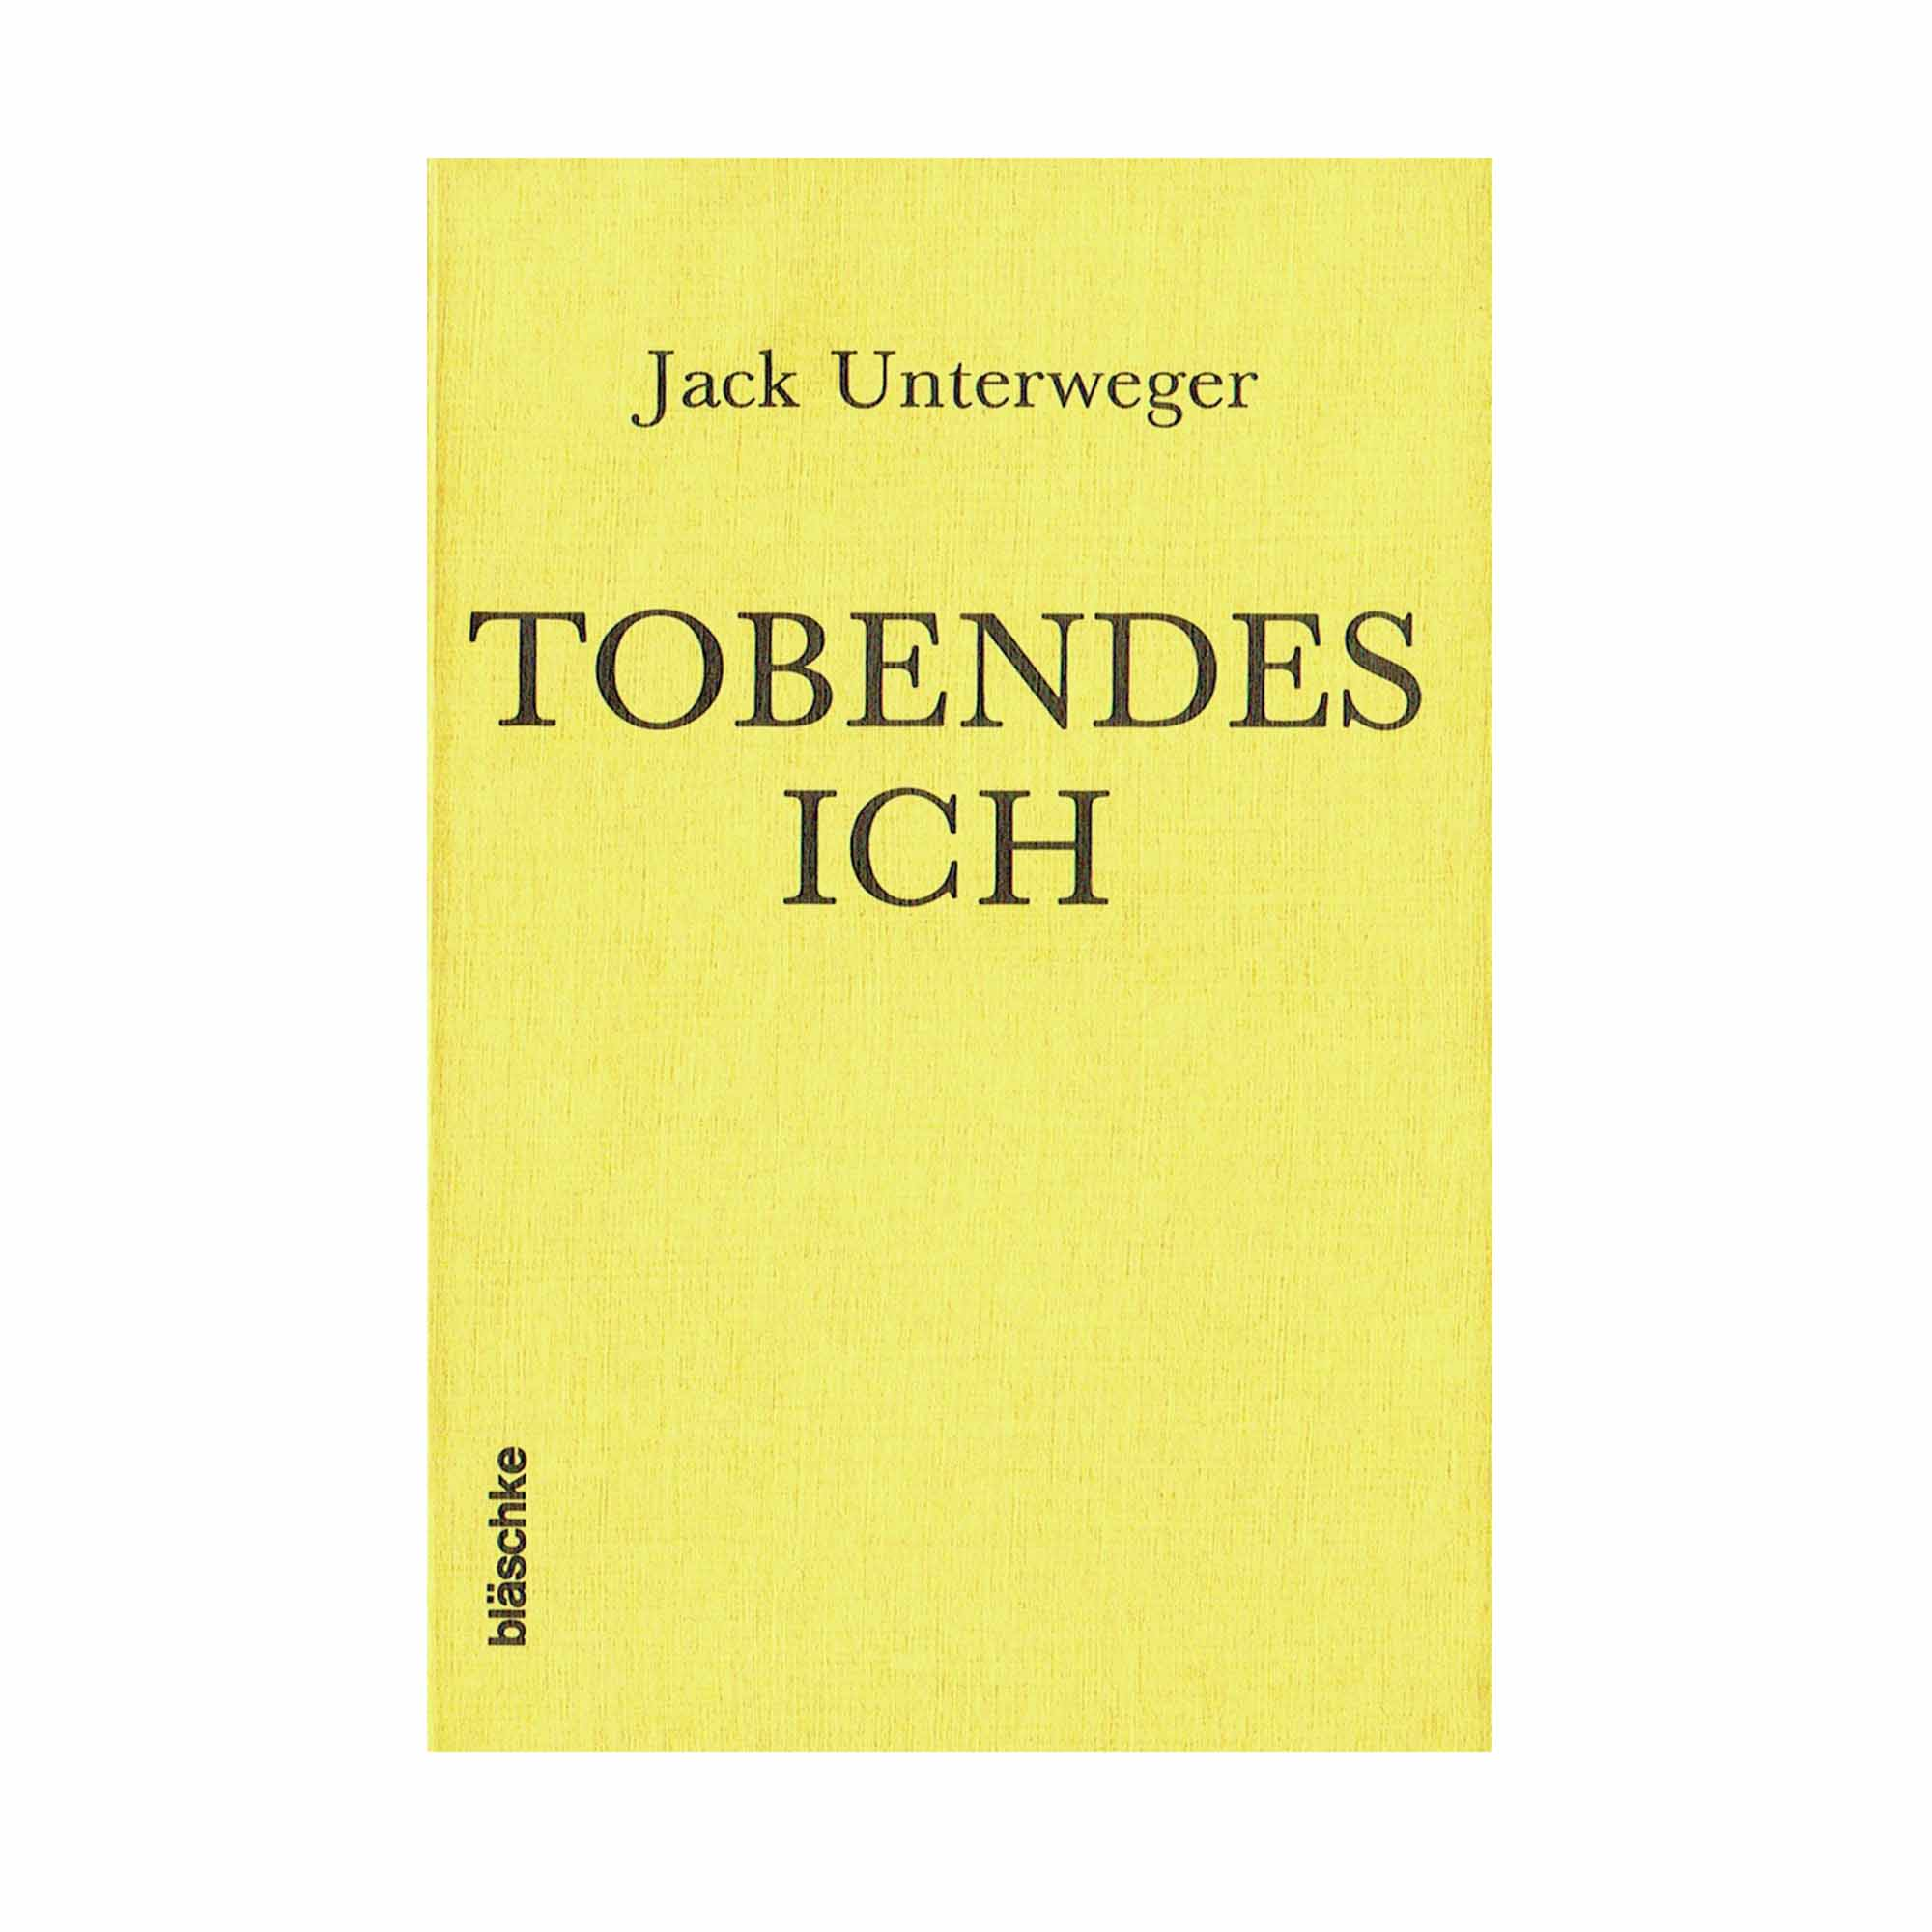 5253-Unterweger-Tobendes-Ich-1982-Einband-N.jpeg